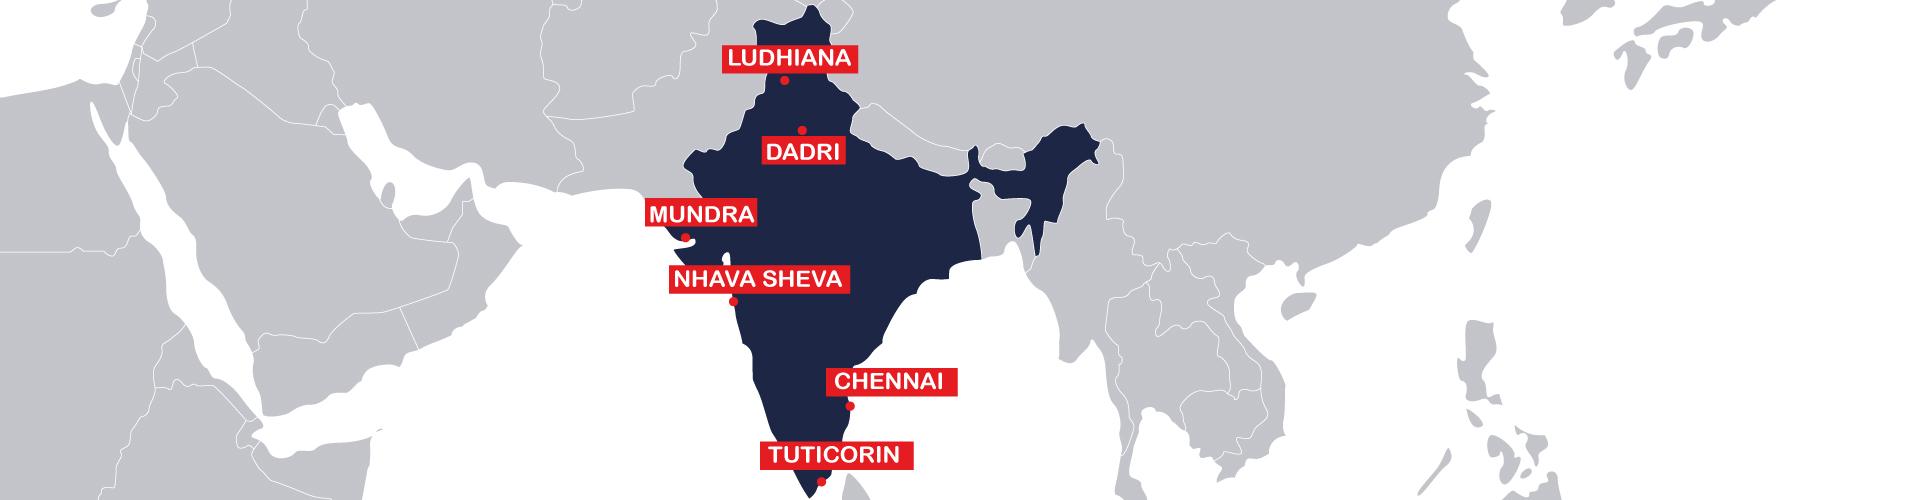 MAP INDIA EN.jpg